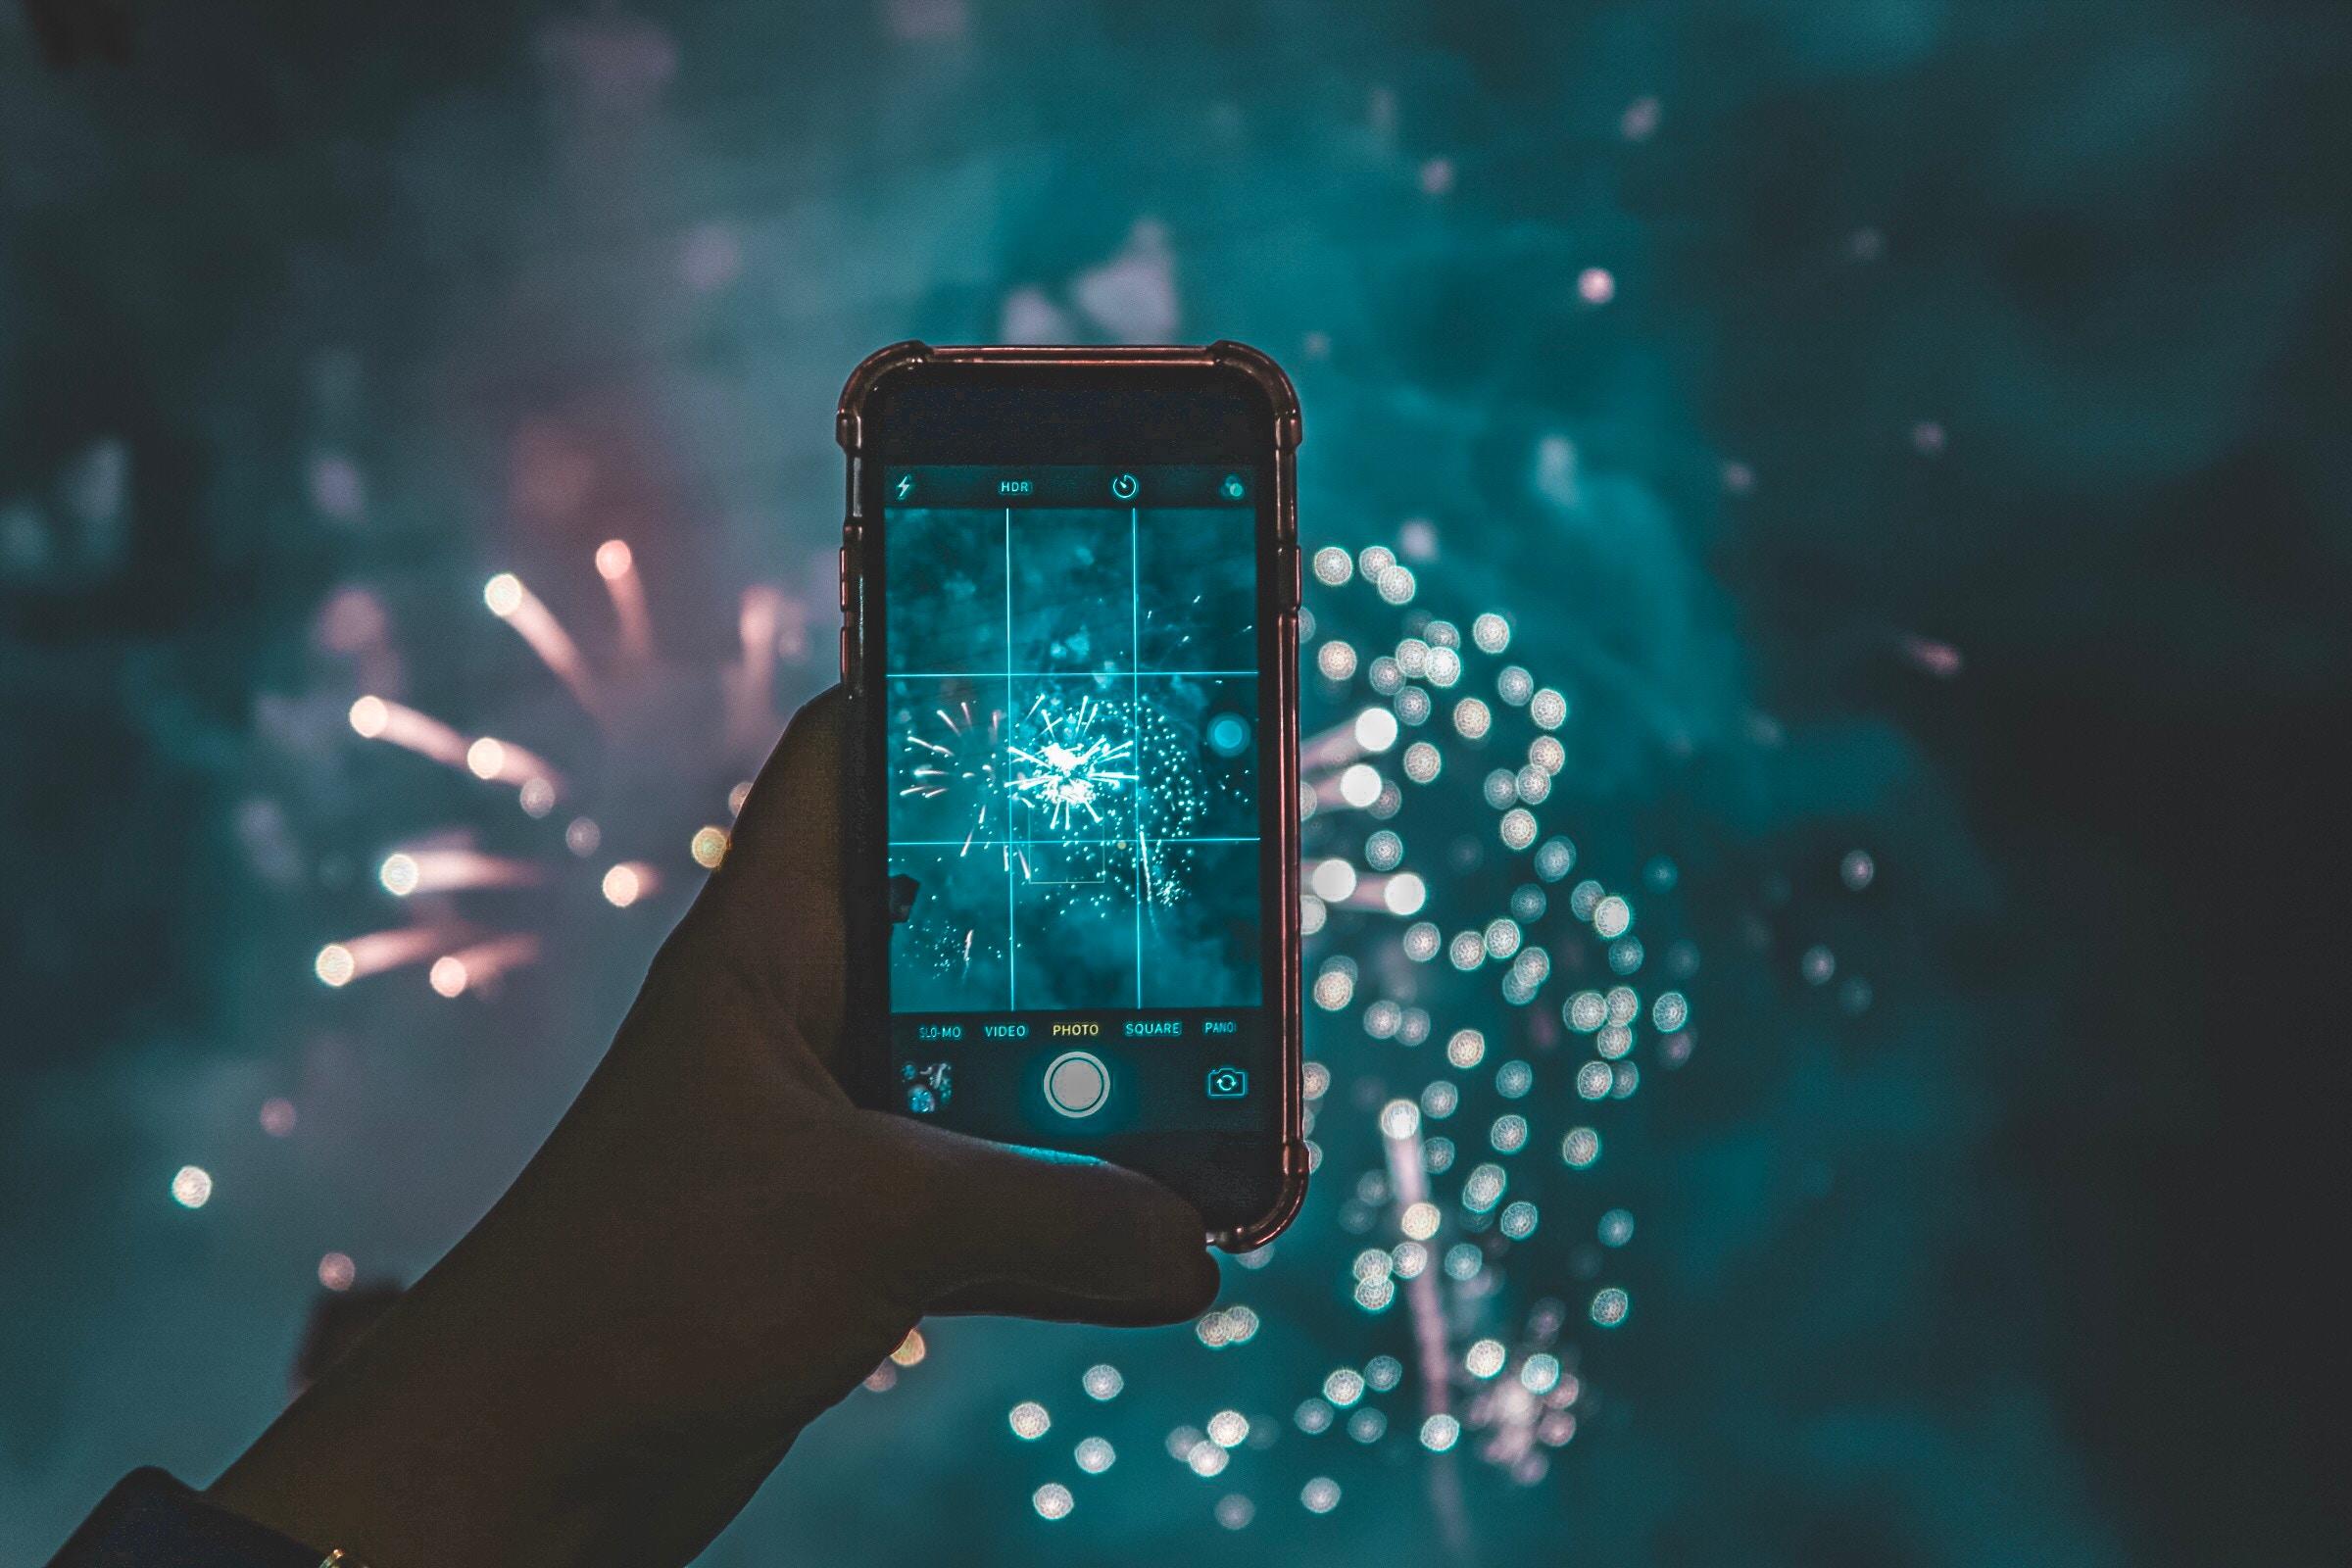 Feuerwerk Smartphone 2019